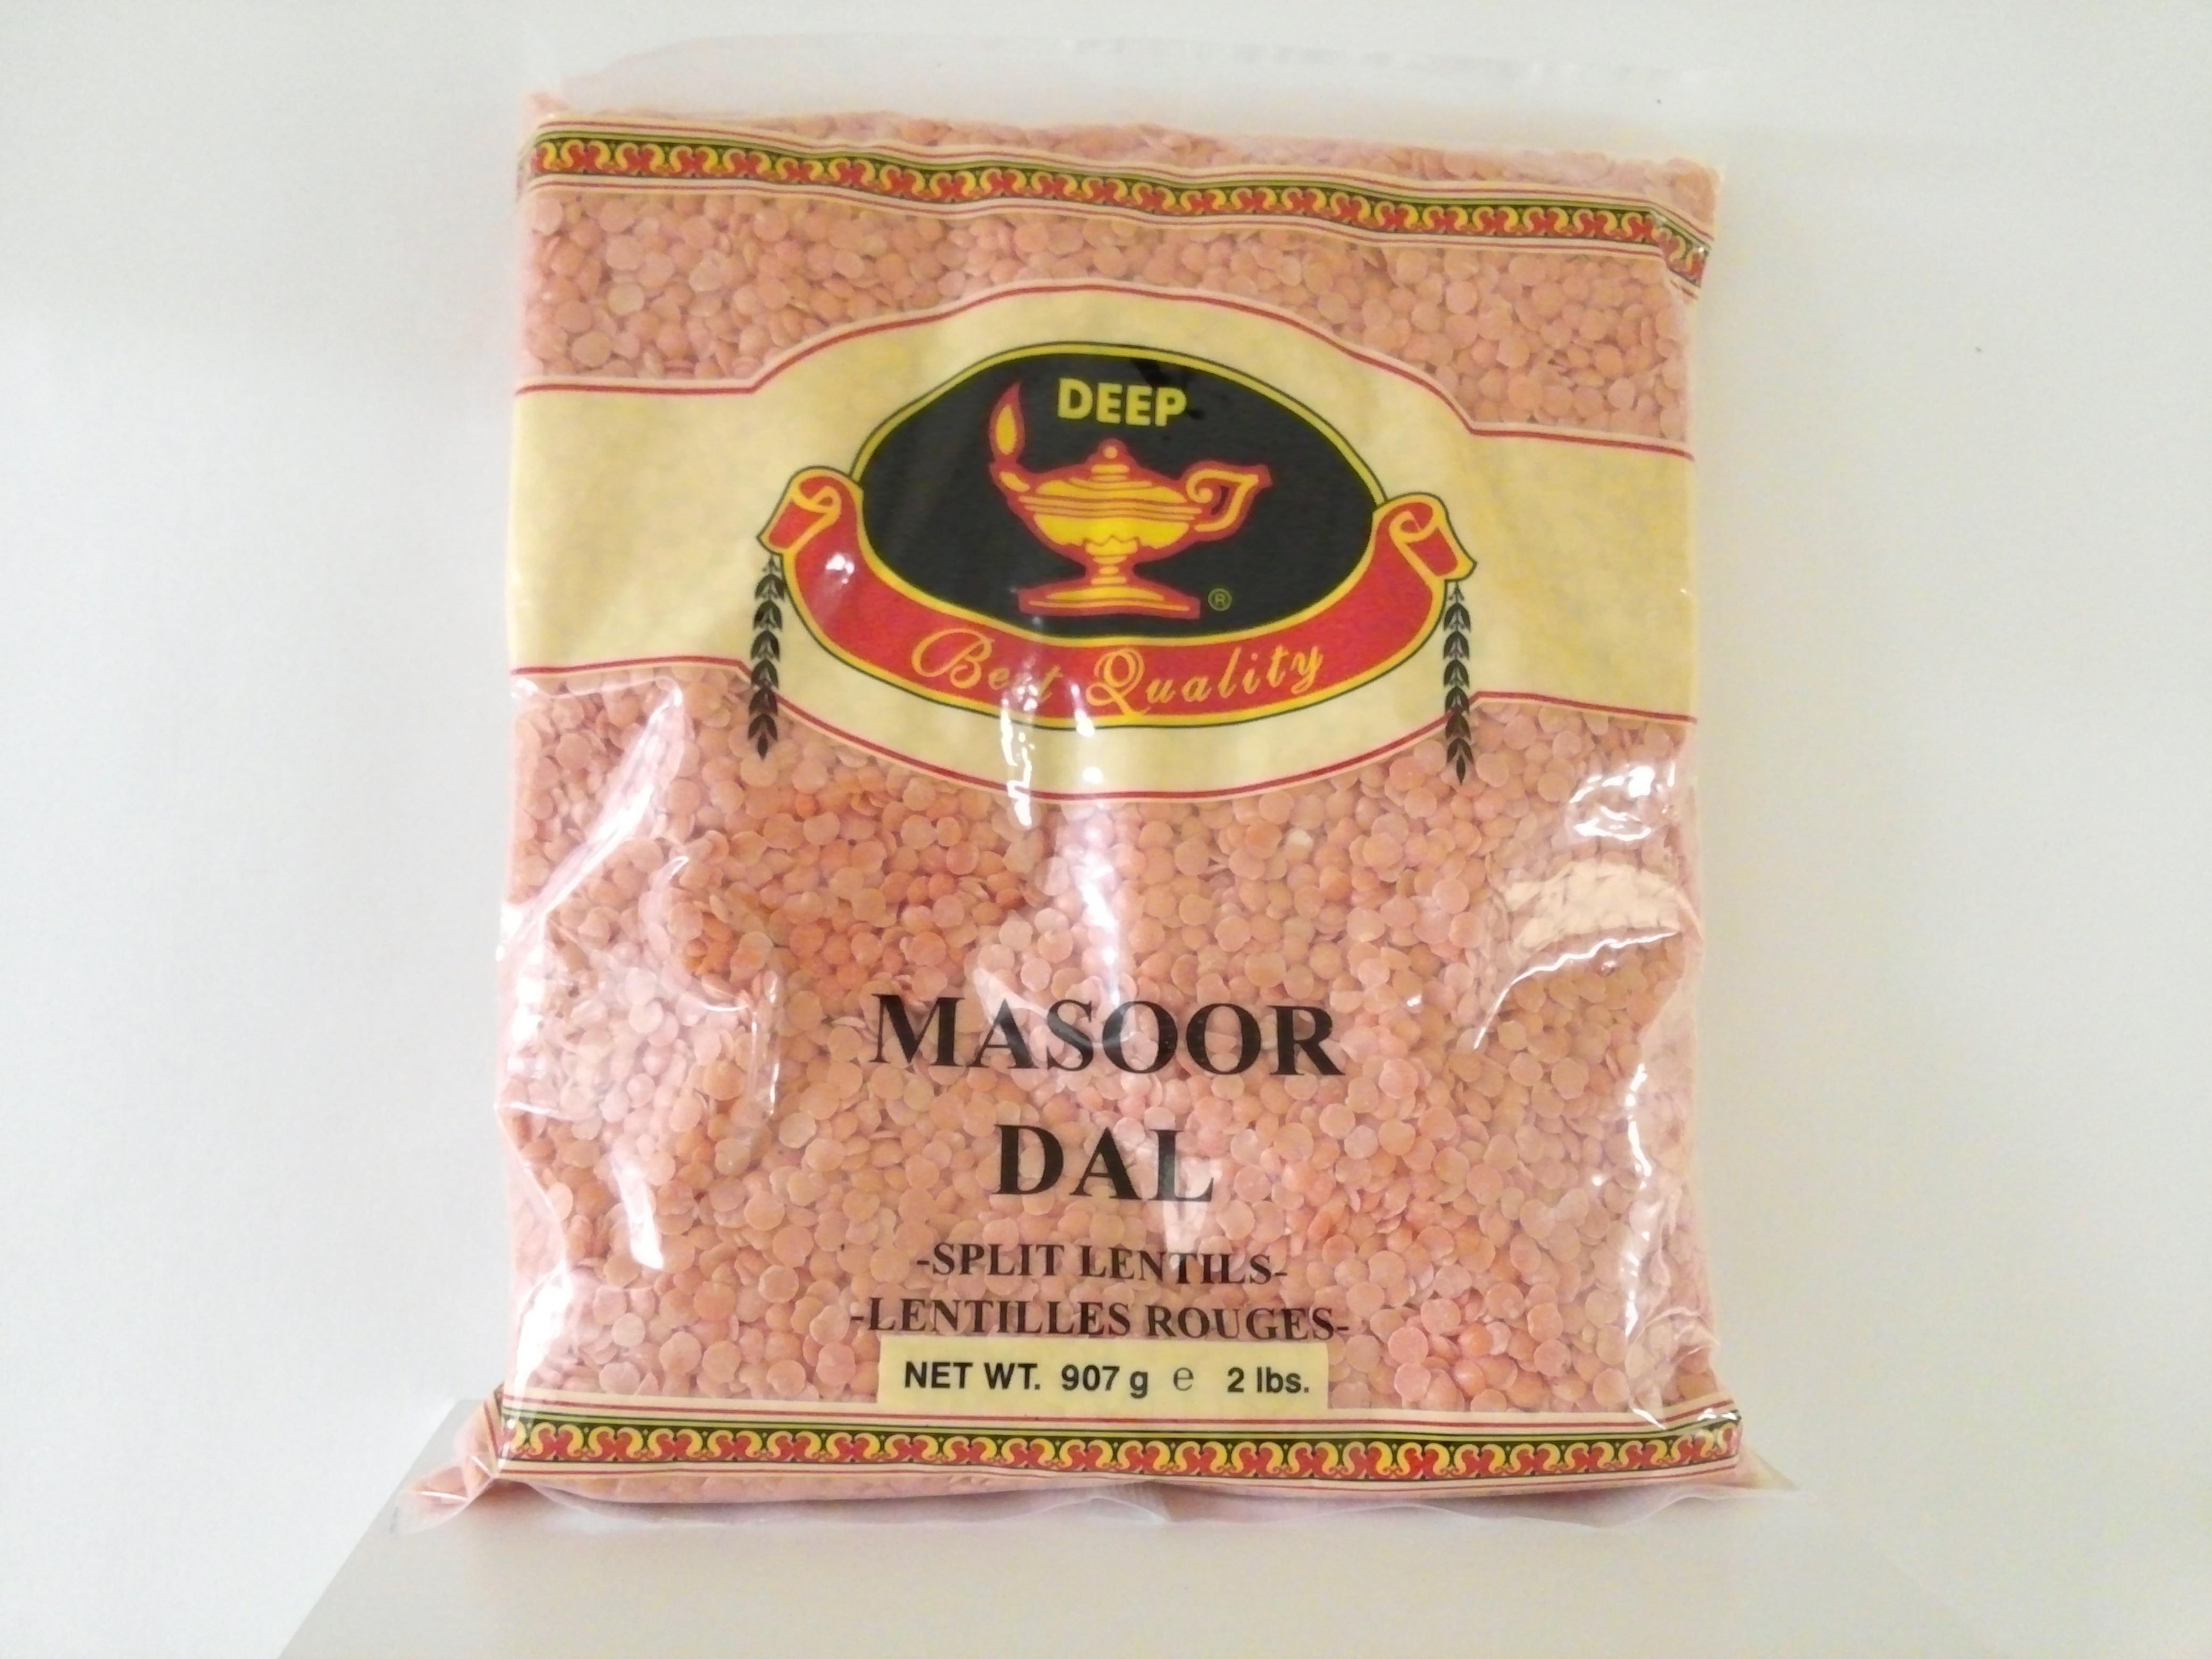 Masoor Dal 2 lbS